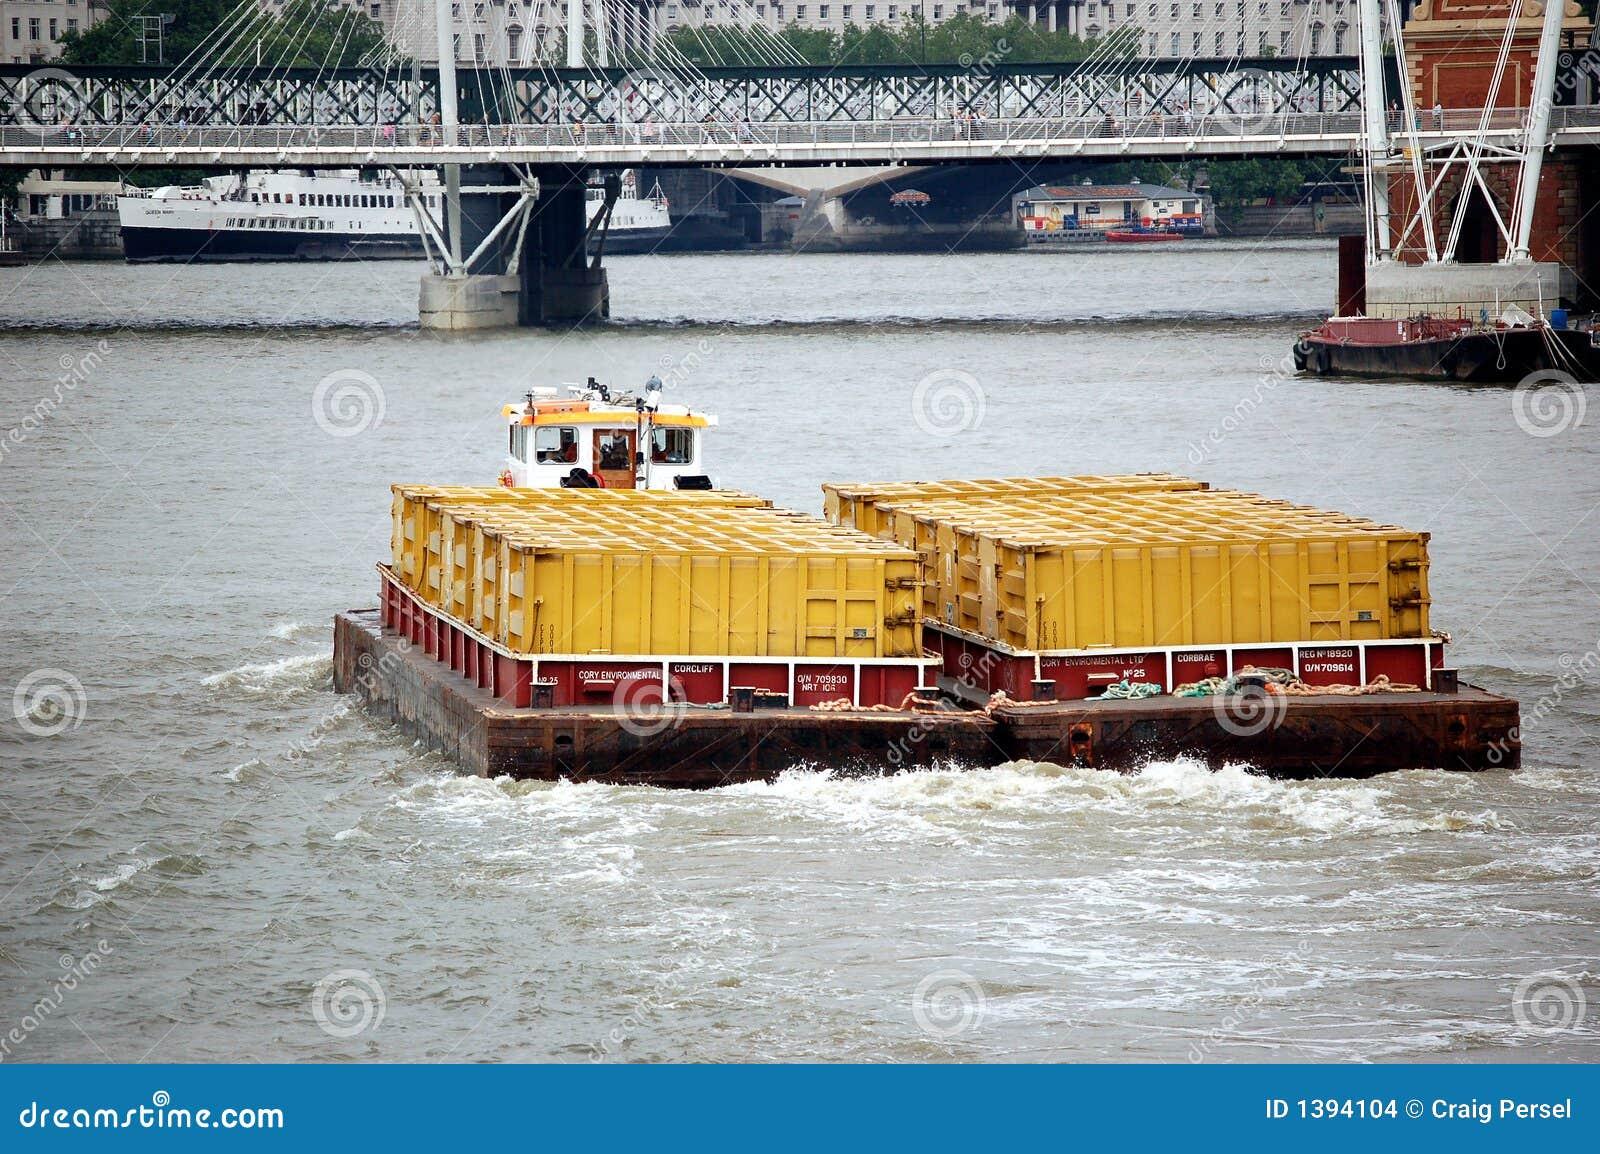 Barge on Thames River